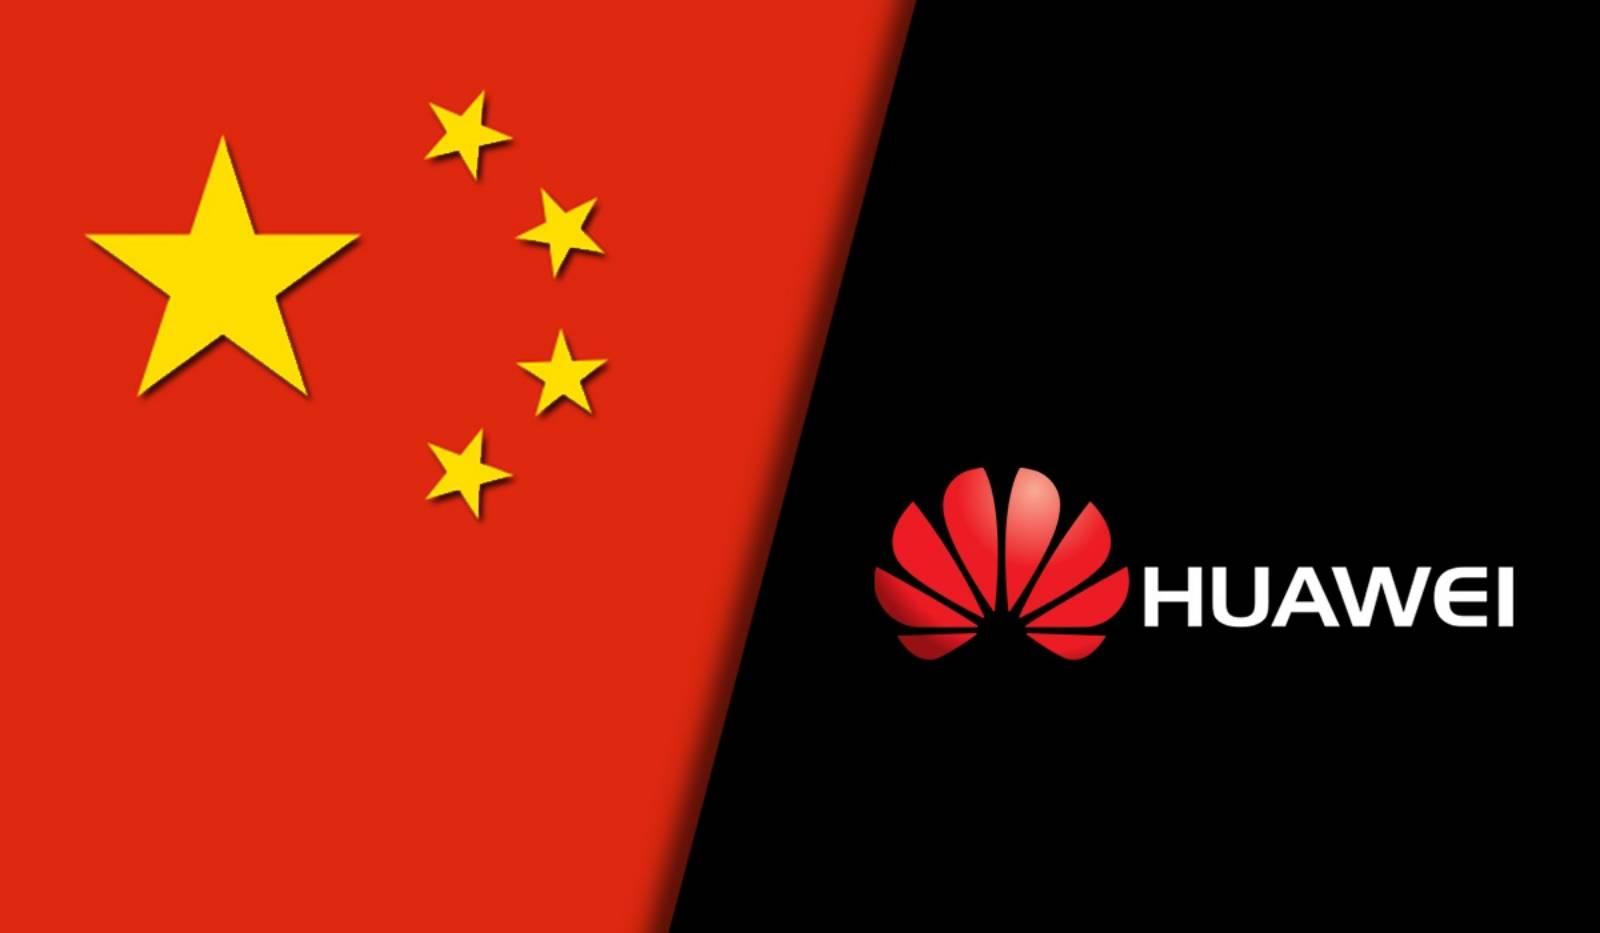 GRESEALA Huawei INTERDICTIA Vanzare MARE Tara